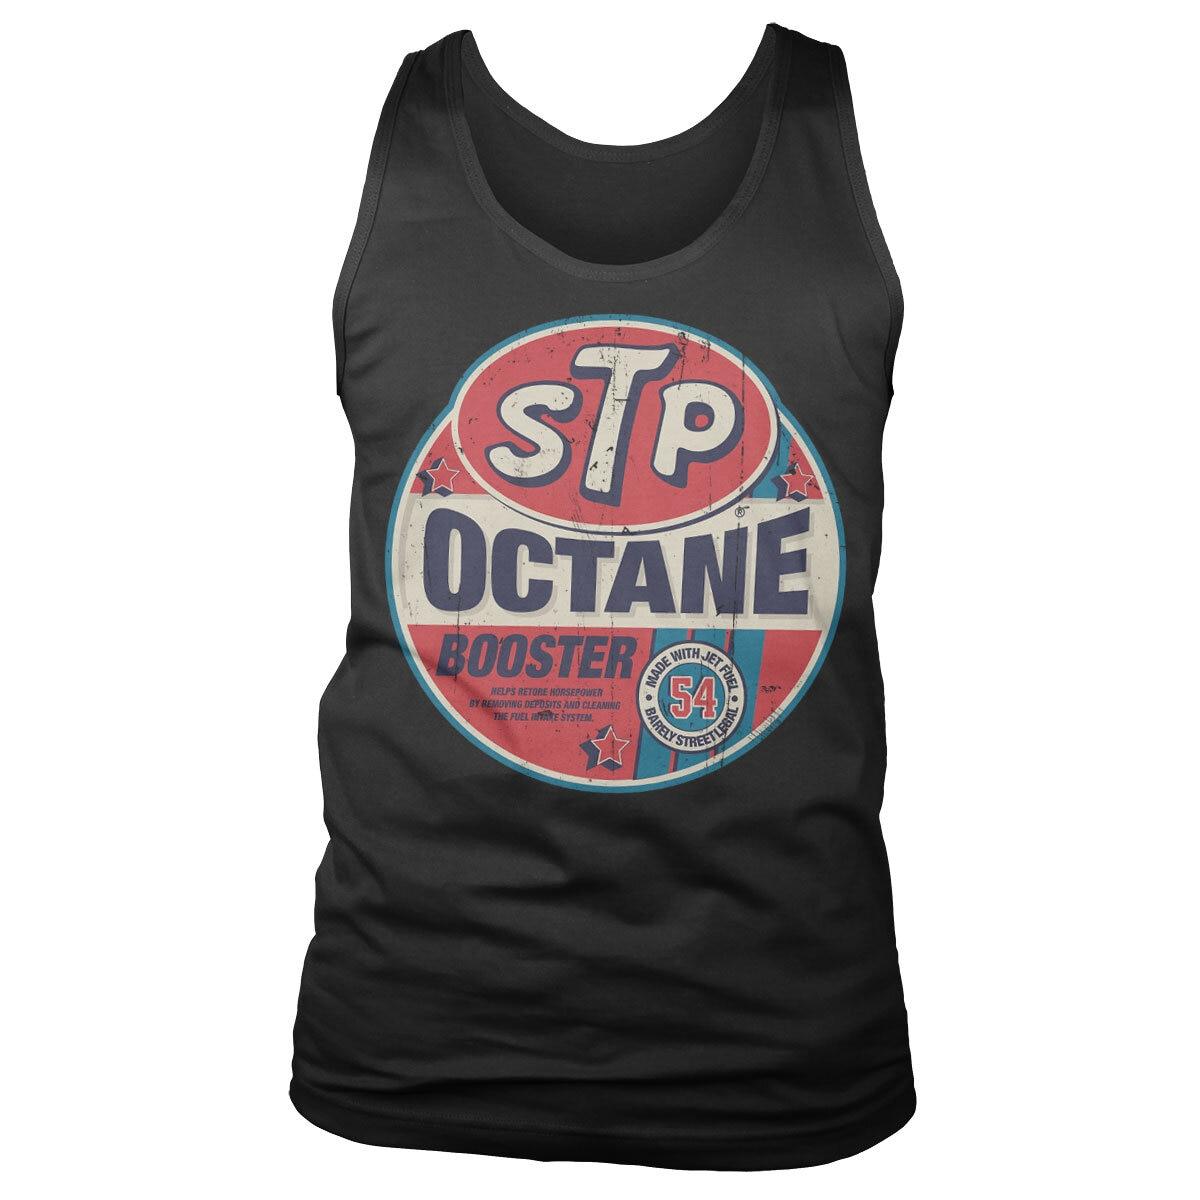 STP Octane Booster Tank Top